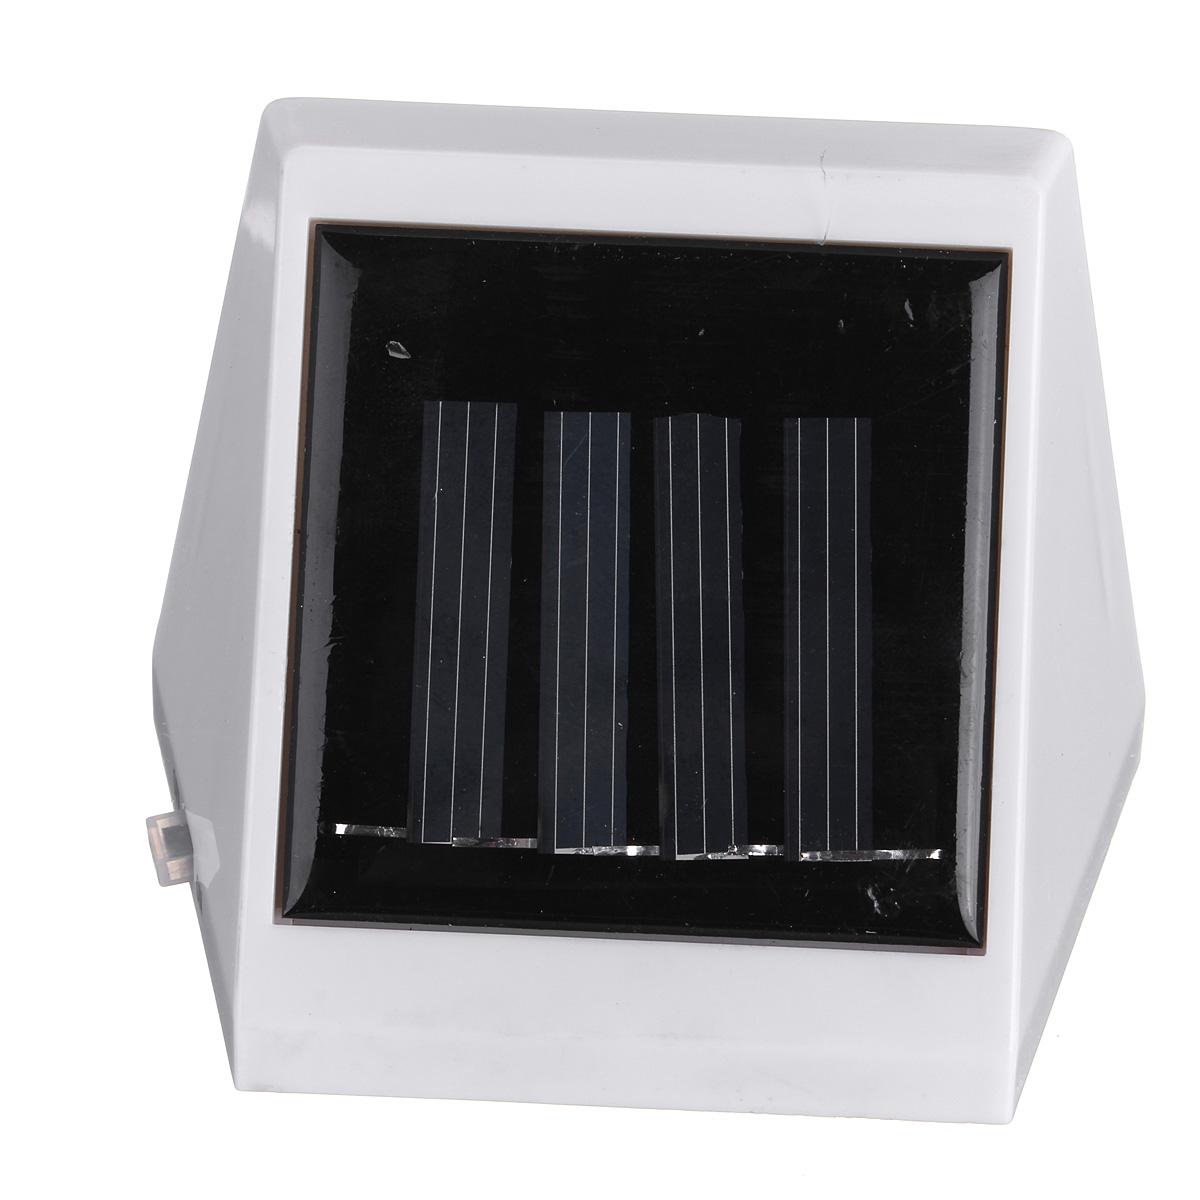 solar treppen solarlampe solarleuchte wandleuchte 2led garten flurlampe strahler ebay. Black Bedroom Furniture Sets. Home Design Ideas